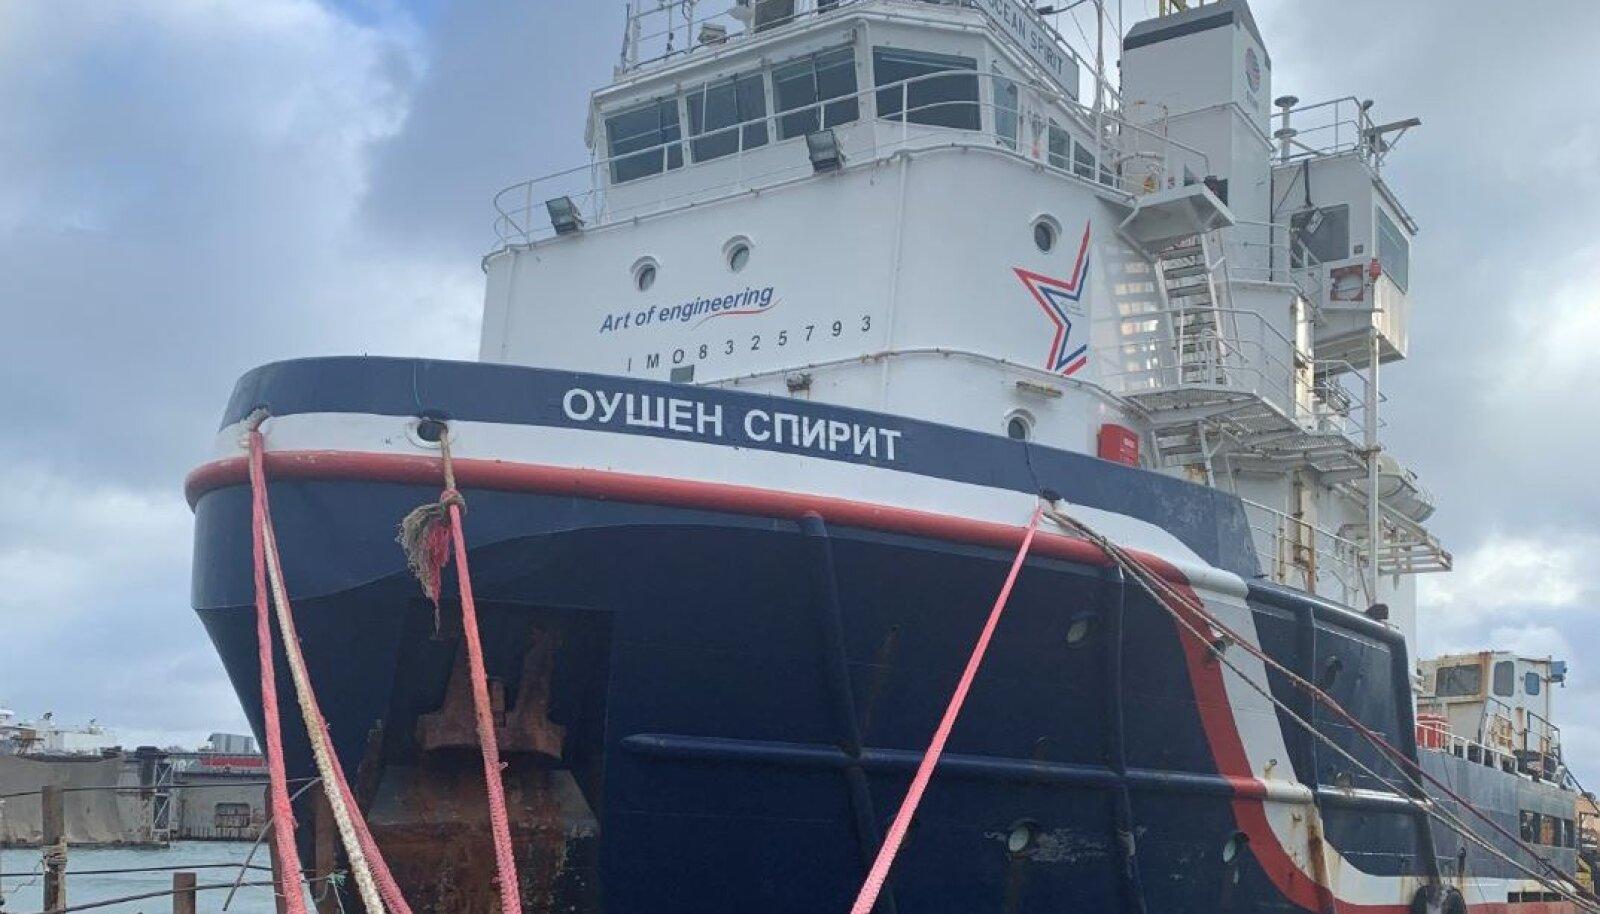 Hüljatud laev seisab sadamas ja ootab ostjat.